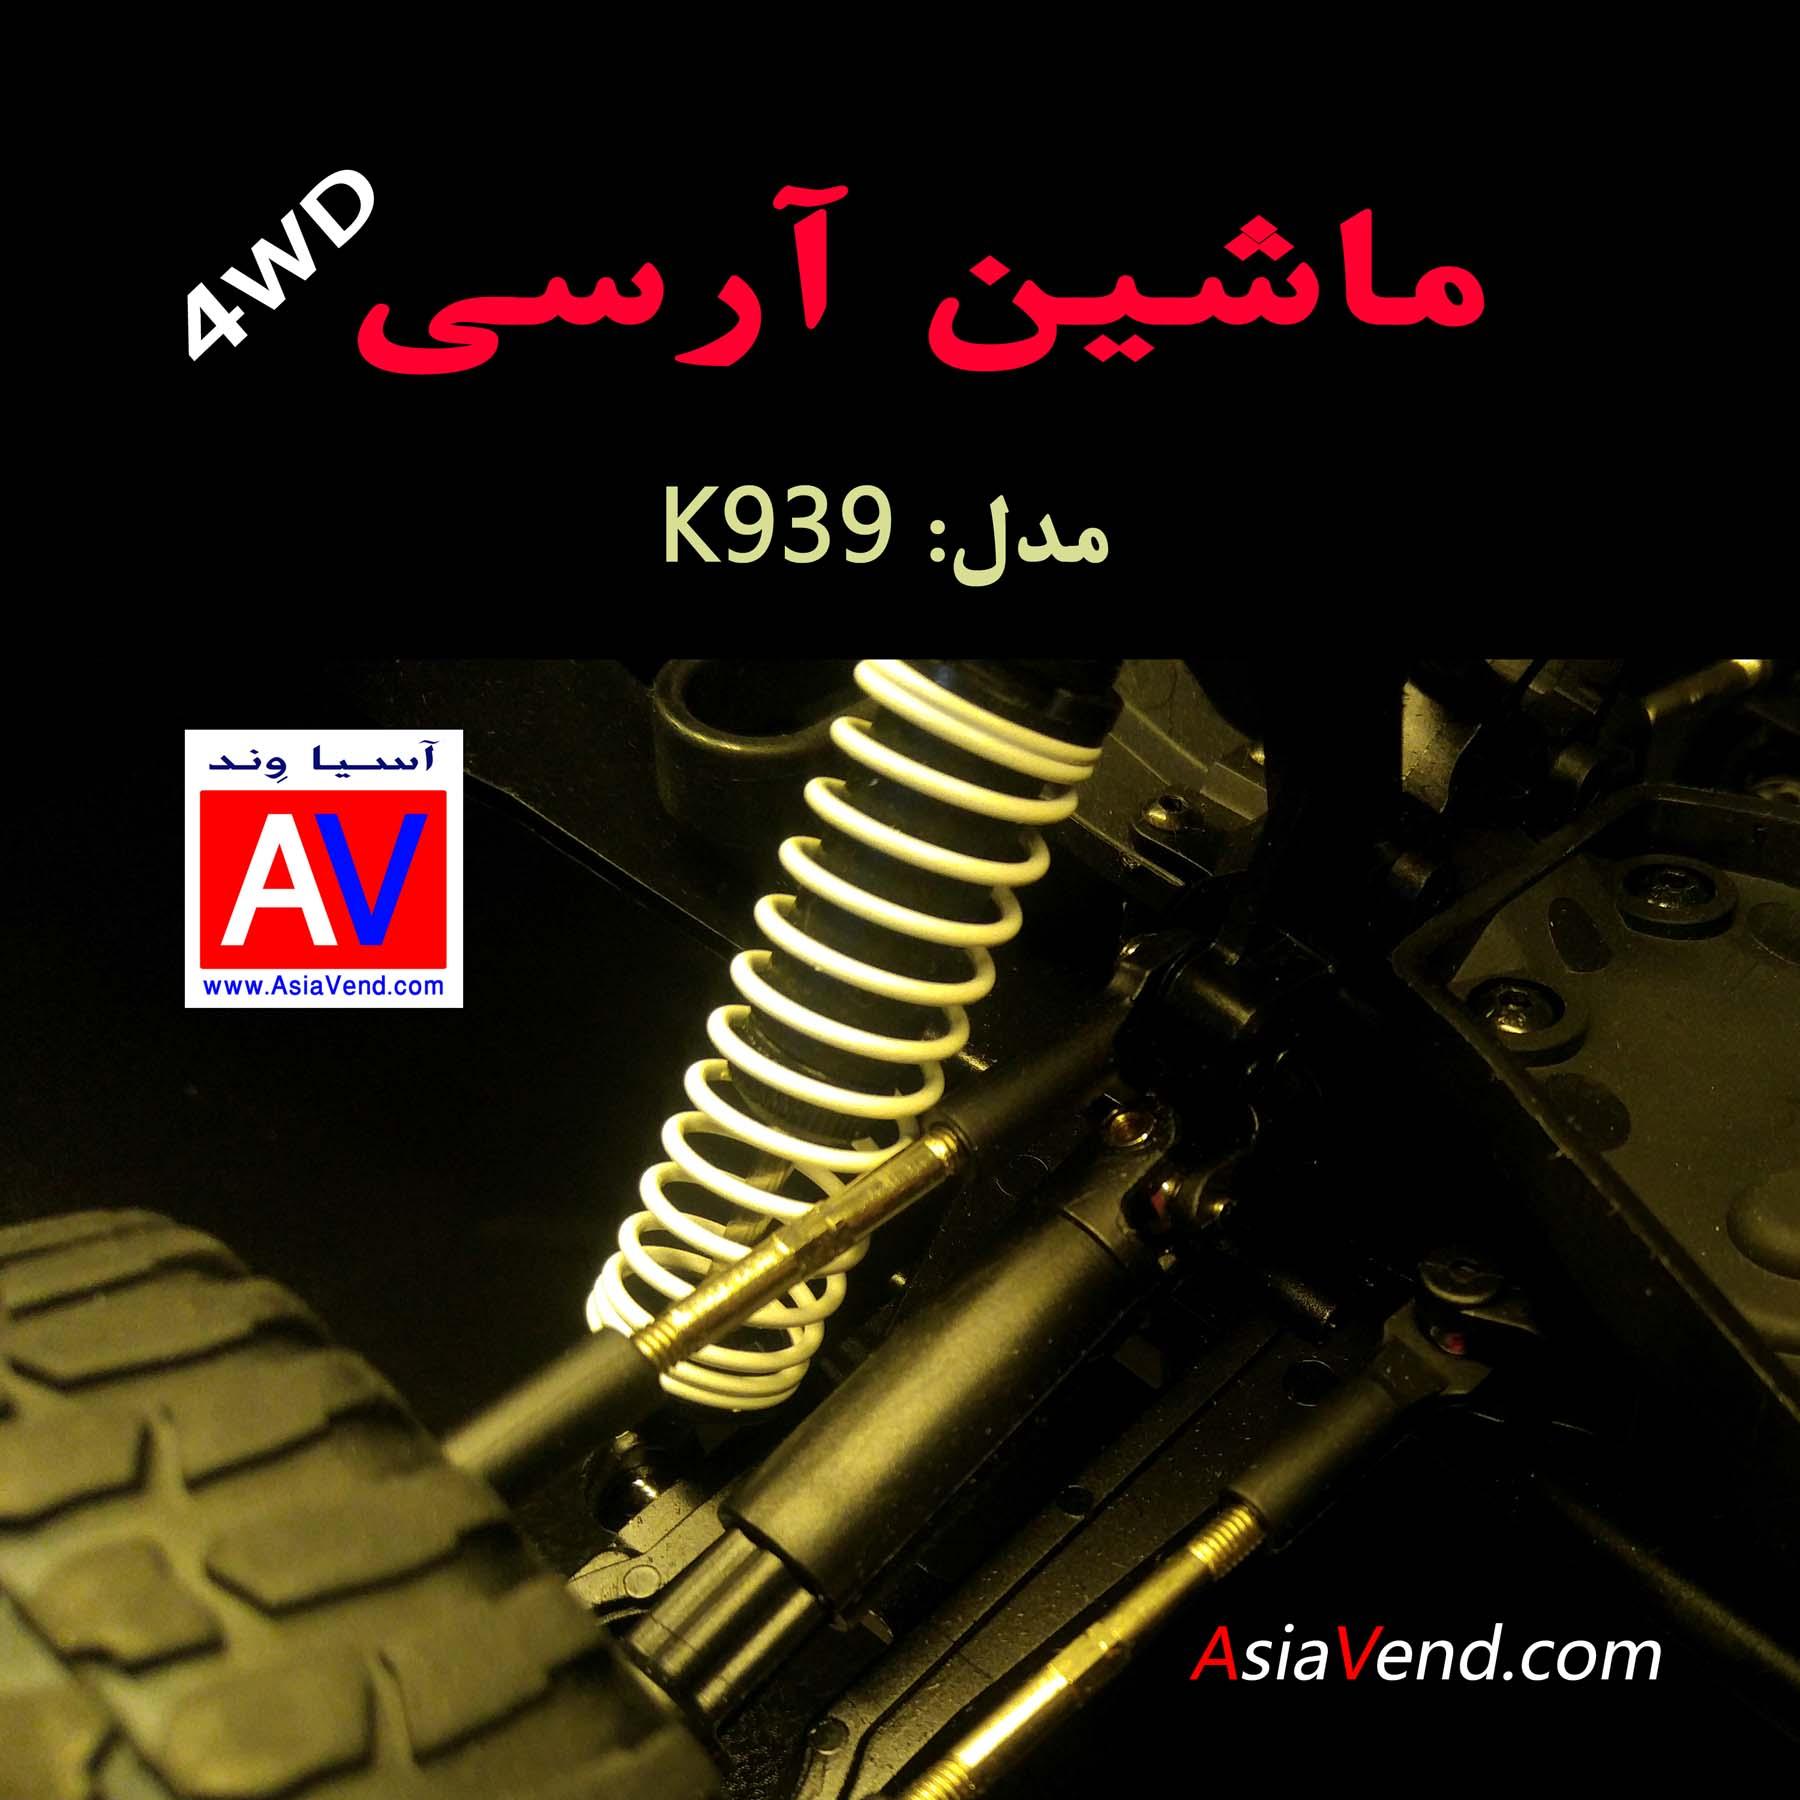 کمک فنر ماشین آرسی آفرود K939 ماشین کنترلی آفرود مدل Wltoys K939